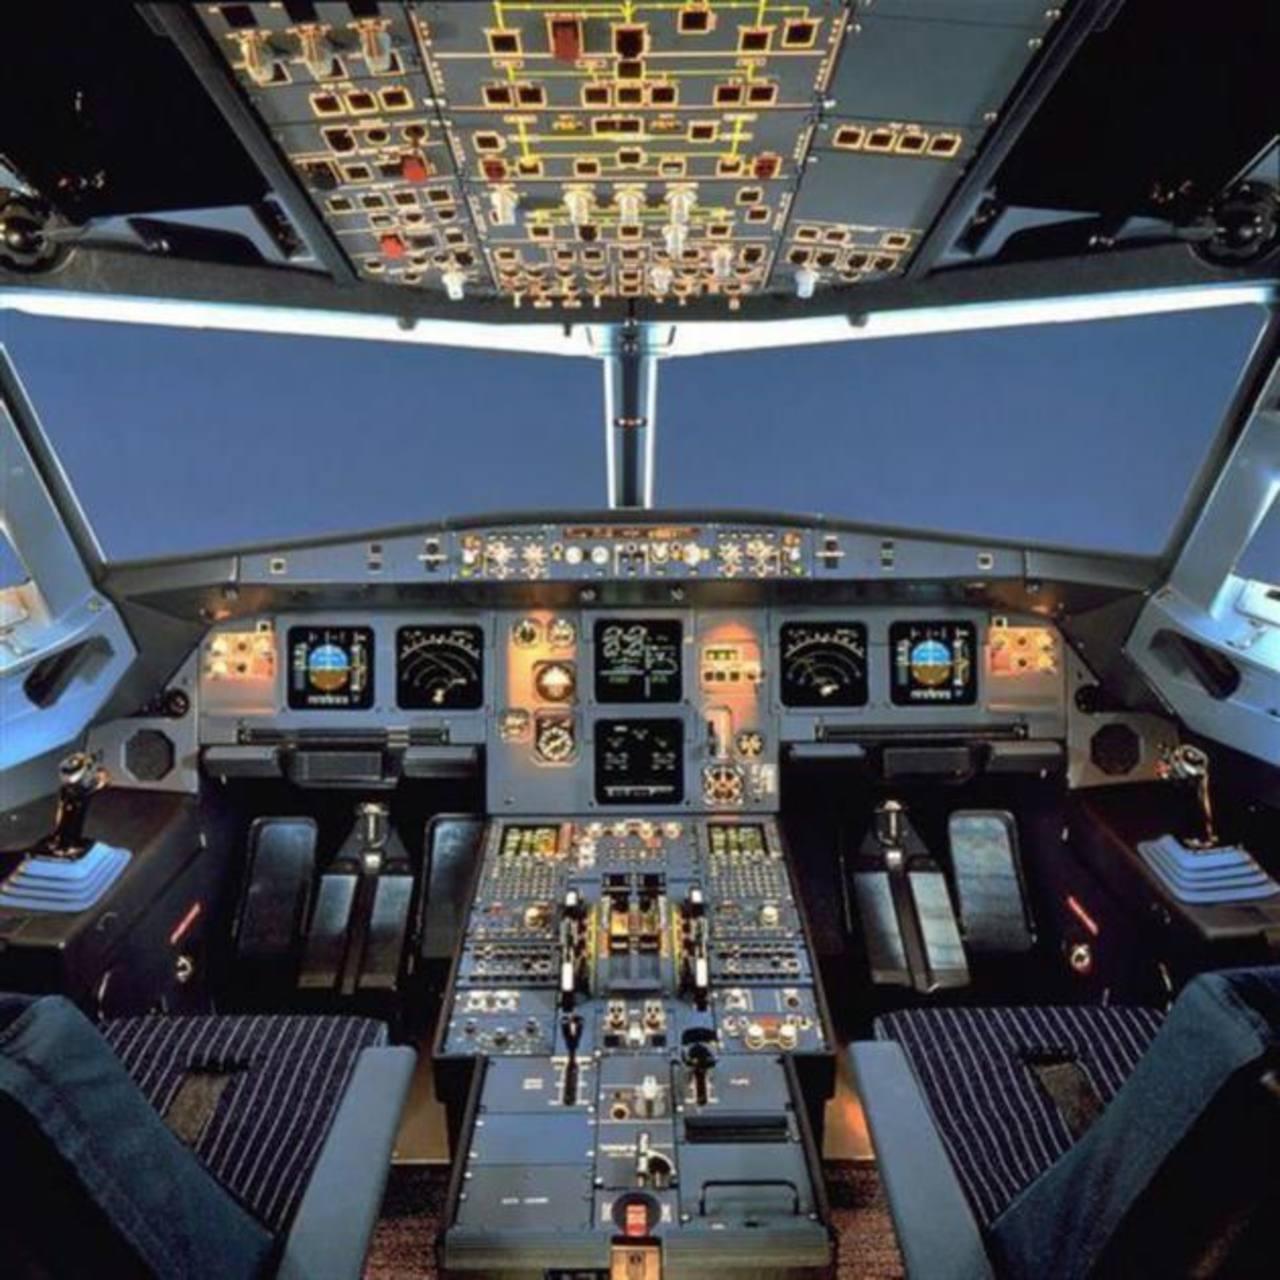 """Los investigadores de la colisión del Airbus A230 creen que el copiloto rechazó abrir la puerta de la cabina al comandante y accionó el descenso del avión """"con voluntad de destruir el avión"""" por razones que se desconocen."""